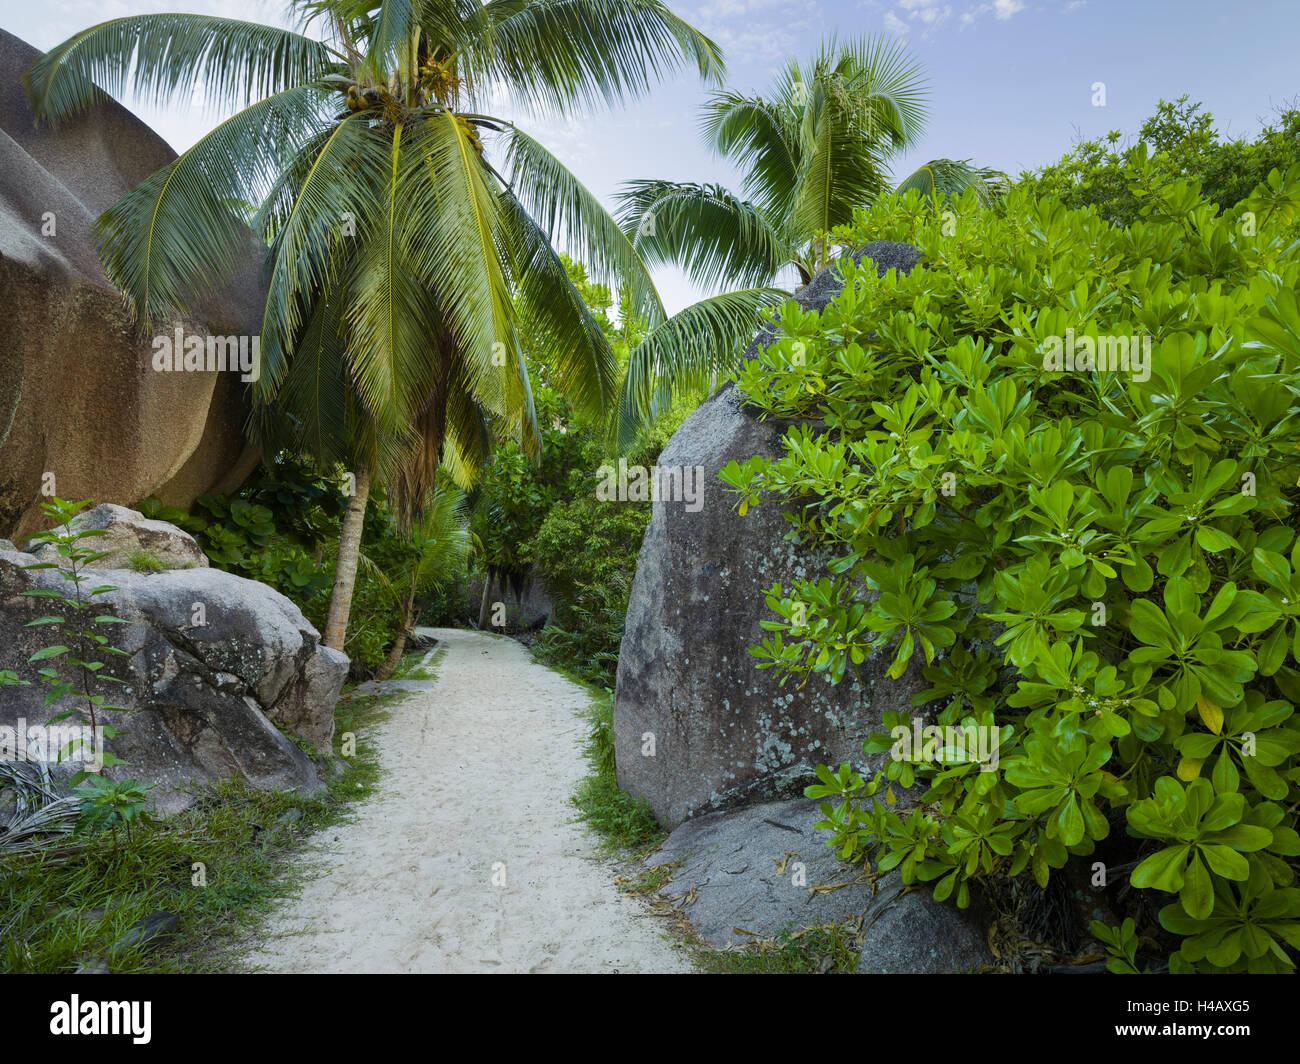 Anse Source d'Argent, La Digue Island, the Seychelles - Stock Image